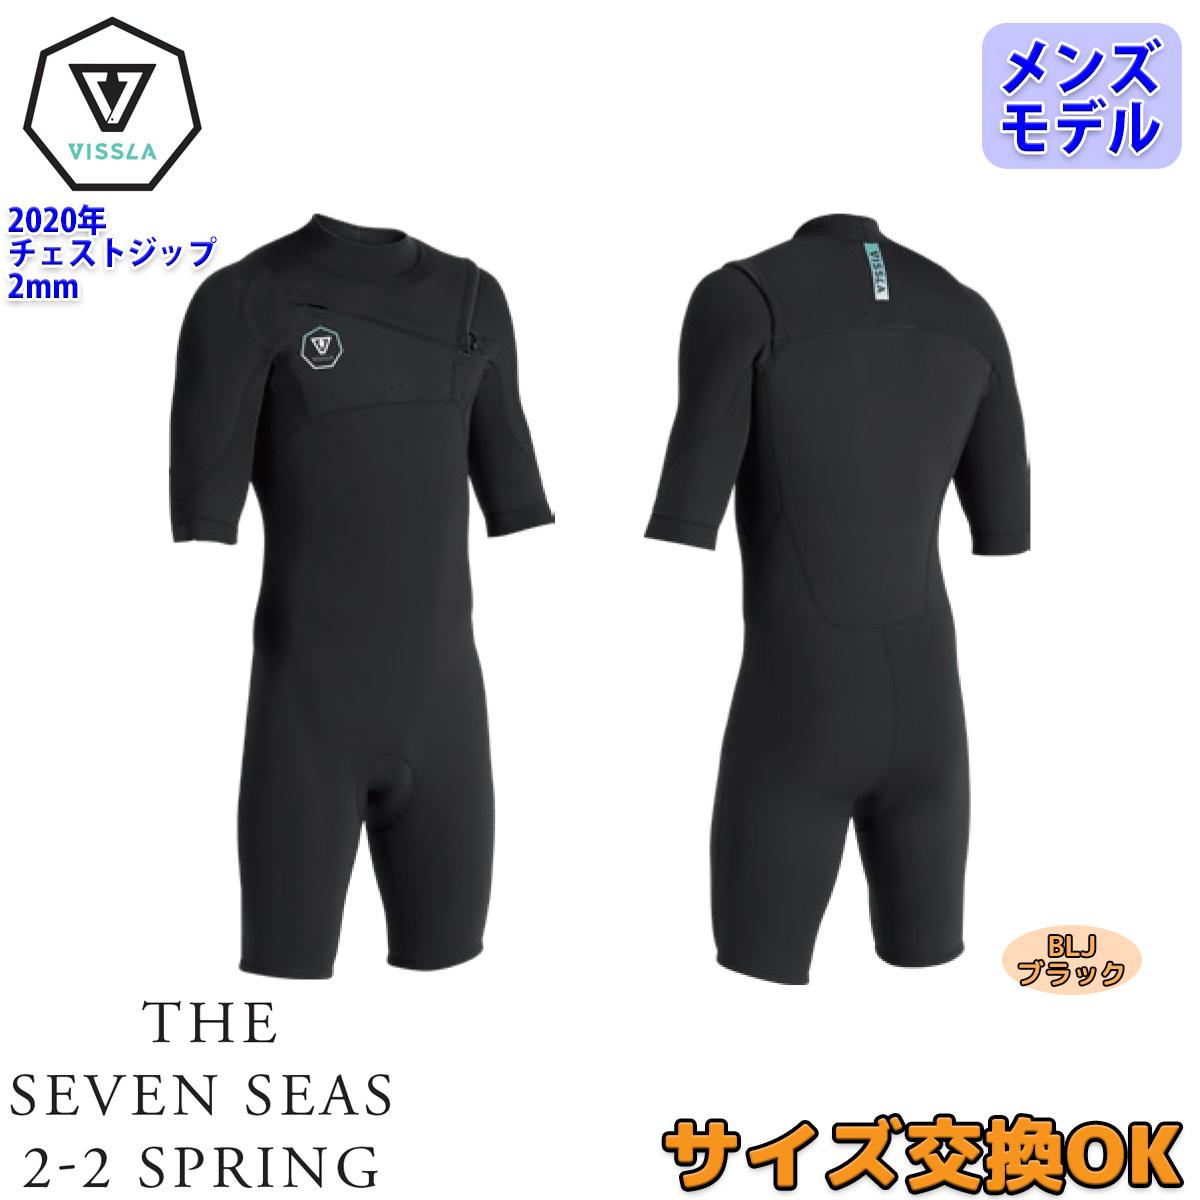 2-2 SPRING 片開きチェストジップ CHEST 春夏 ウェットスーツ ZIP 2020年 SEAS ヴィスラ メンズ MW22O7SP20SS スプリング 日本正規品 VISSLA 2mm 20 7 ビスラ ウエットスーツ